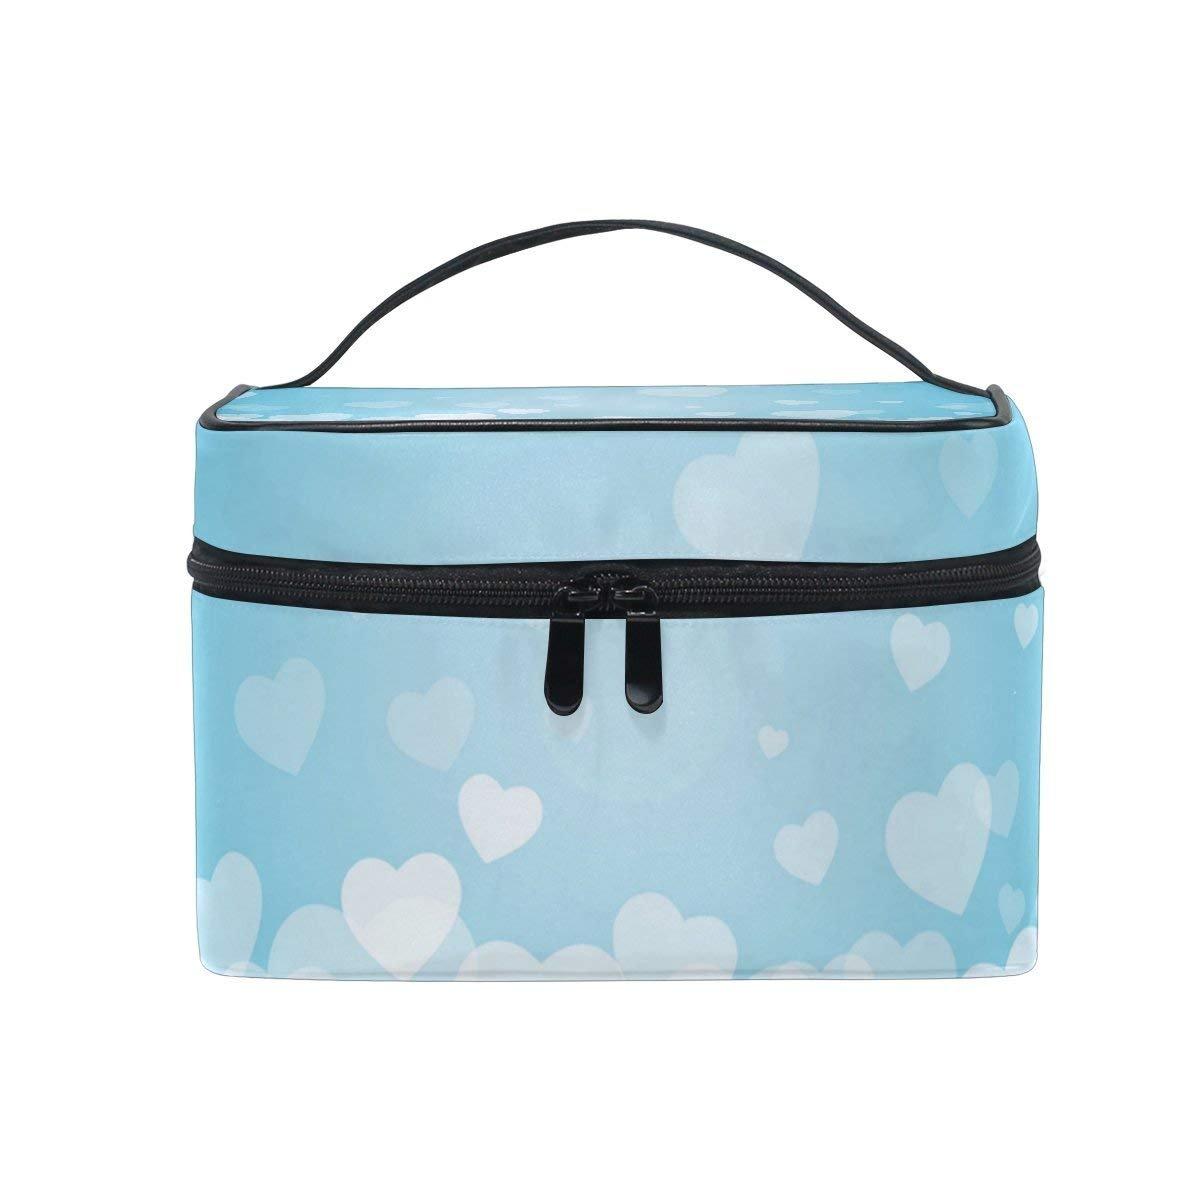 Makeup Bag Love Heart Mens Travel Toiletry Bag Mens Cosmetic Bags for Women Fun Large Makeup Organizer